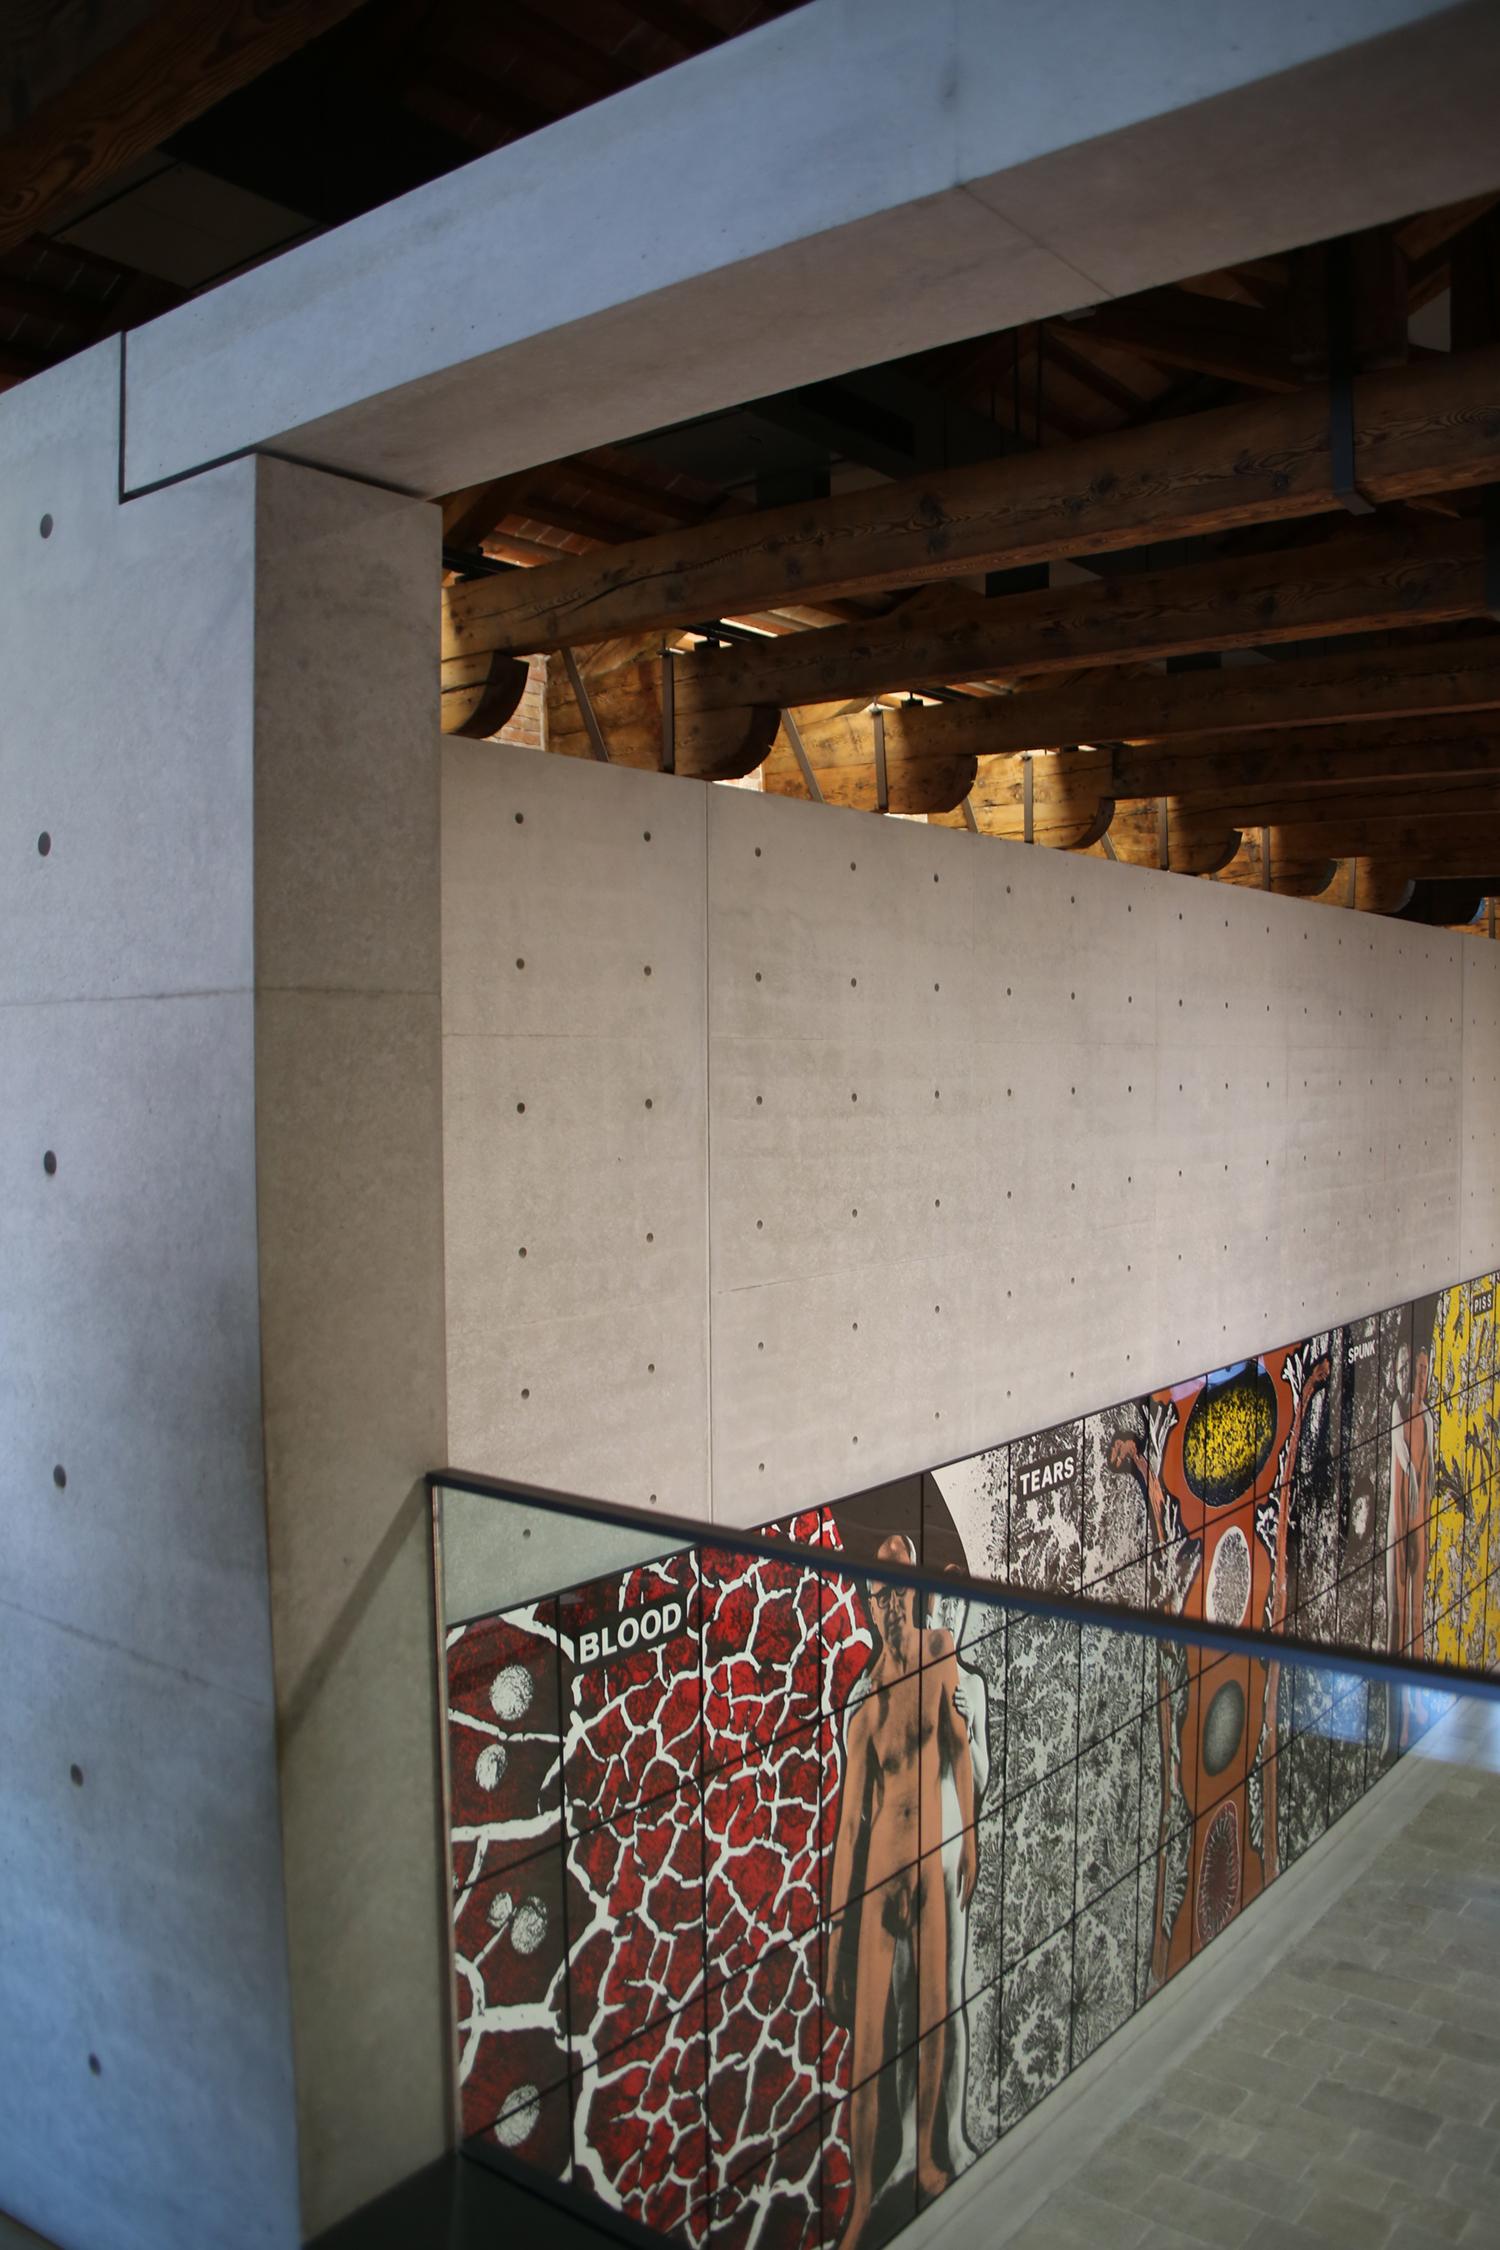 biennale architecture venise 2018 058.JPG